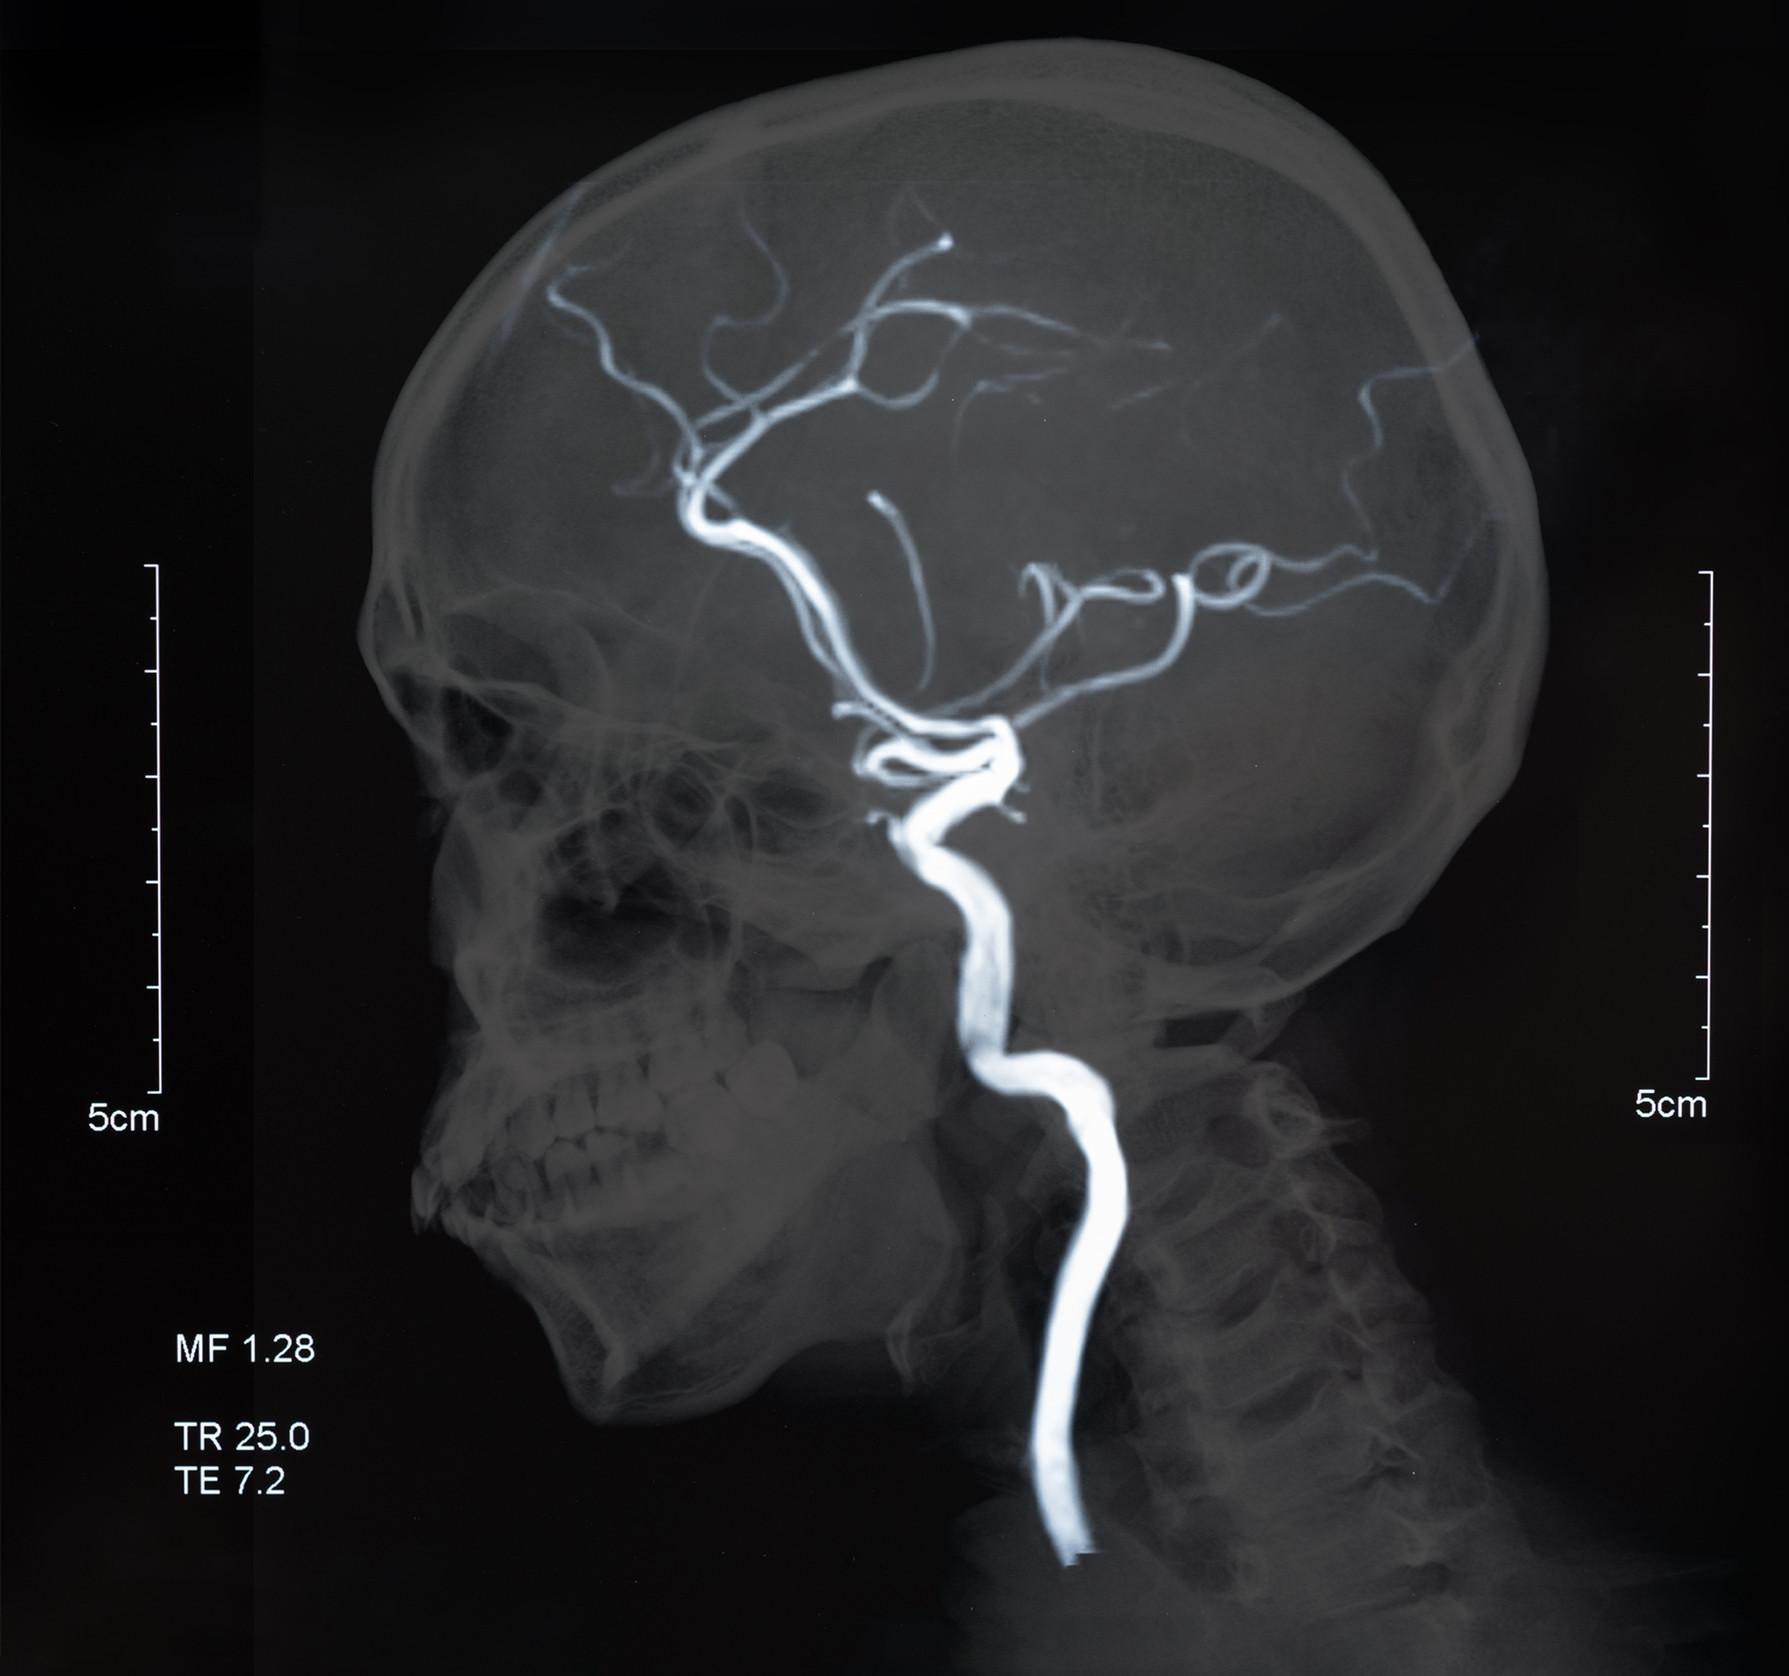 Saiba mais sobre o aneurisma cerebral e as consequências à saúde